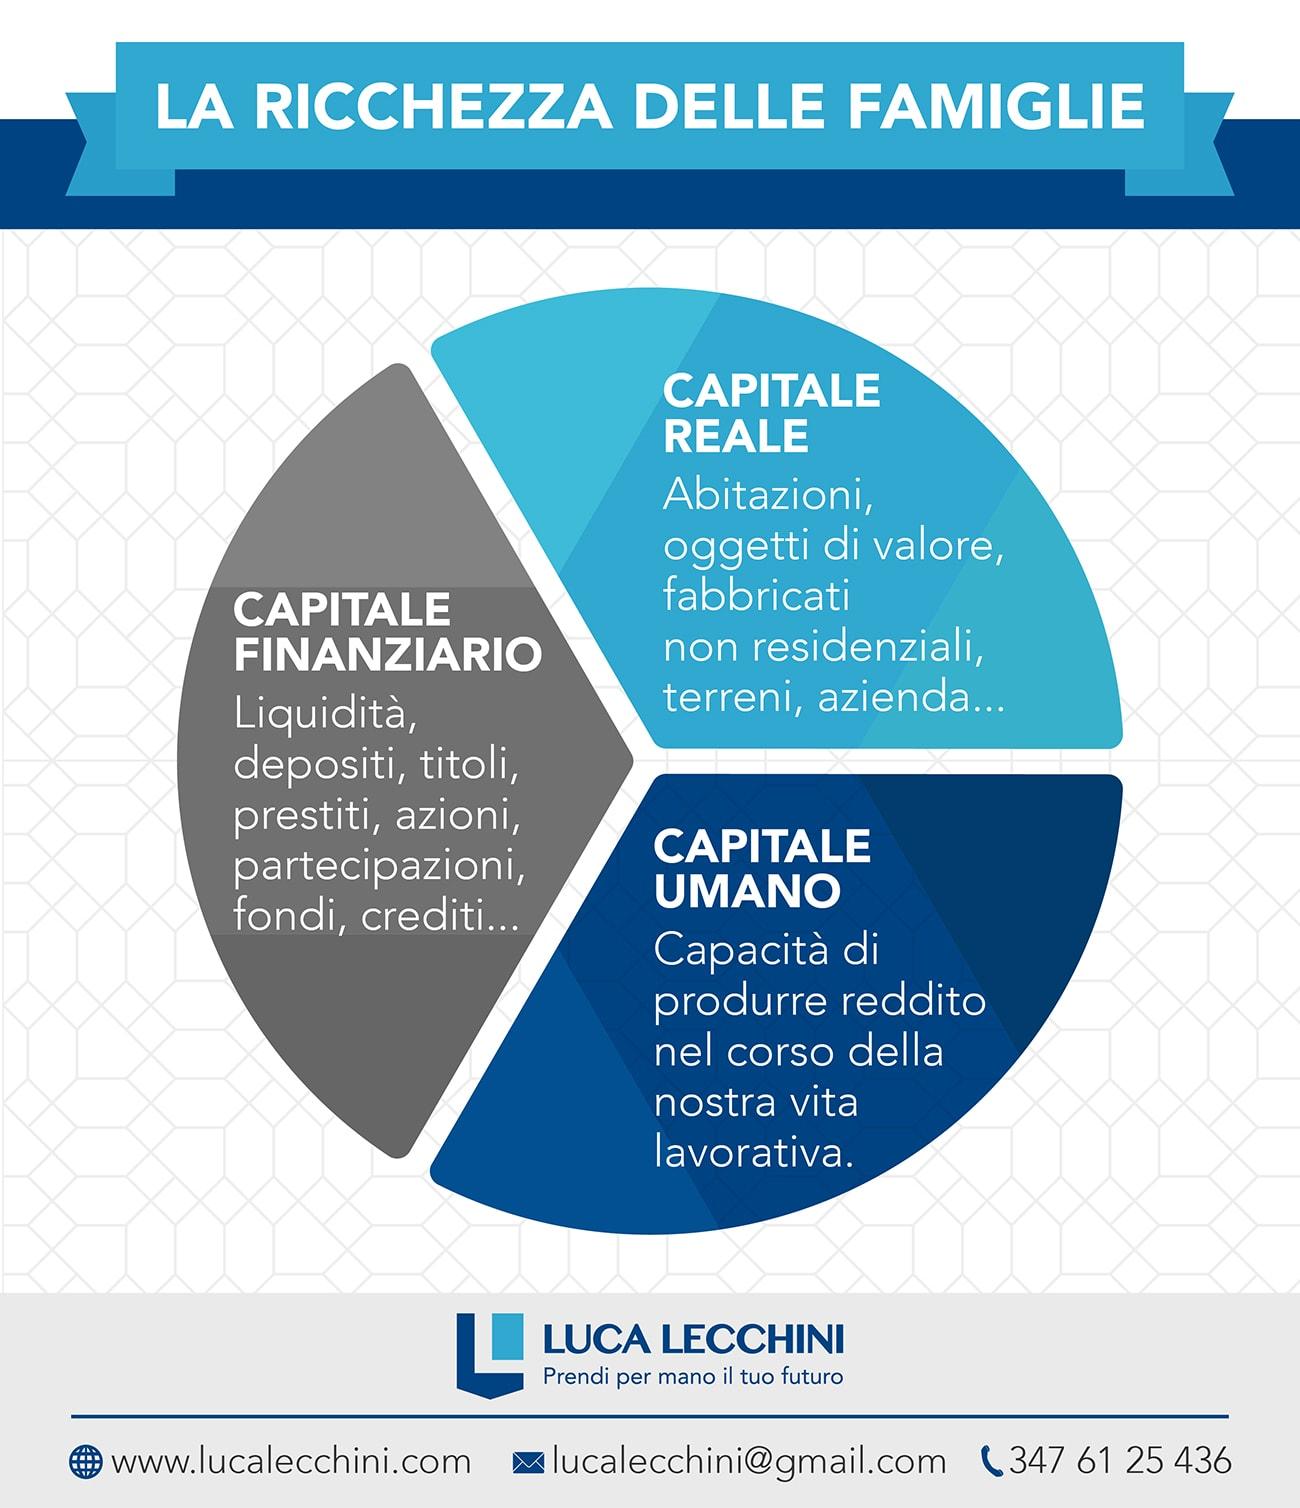 Ricchezza delle famiglie capitale finanziario reale e umano